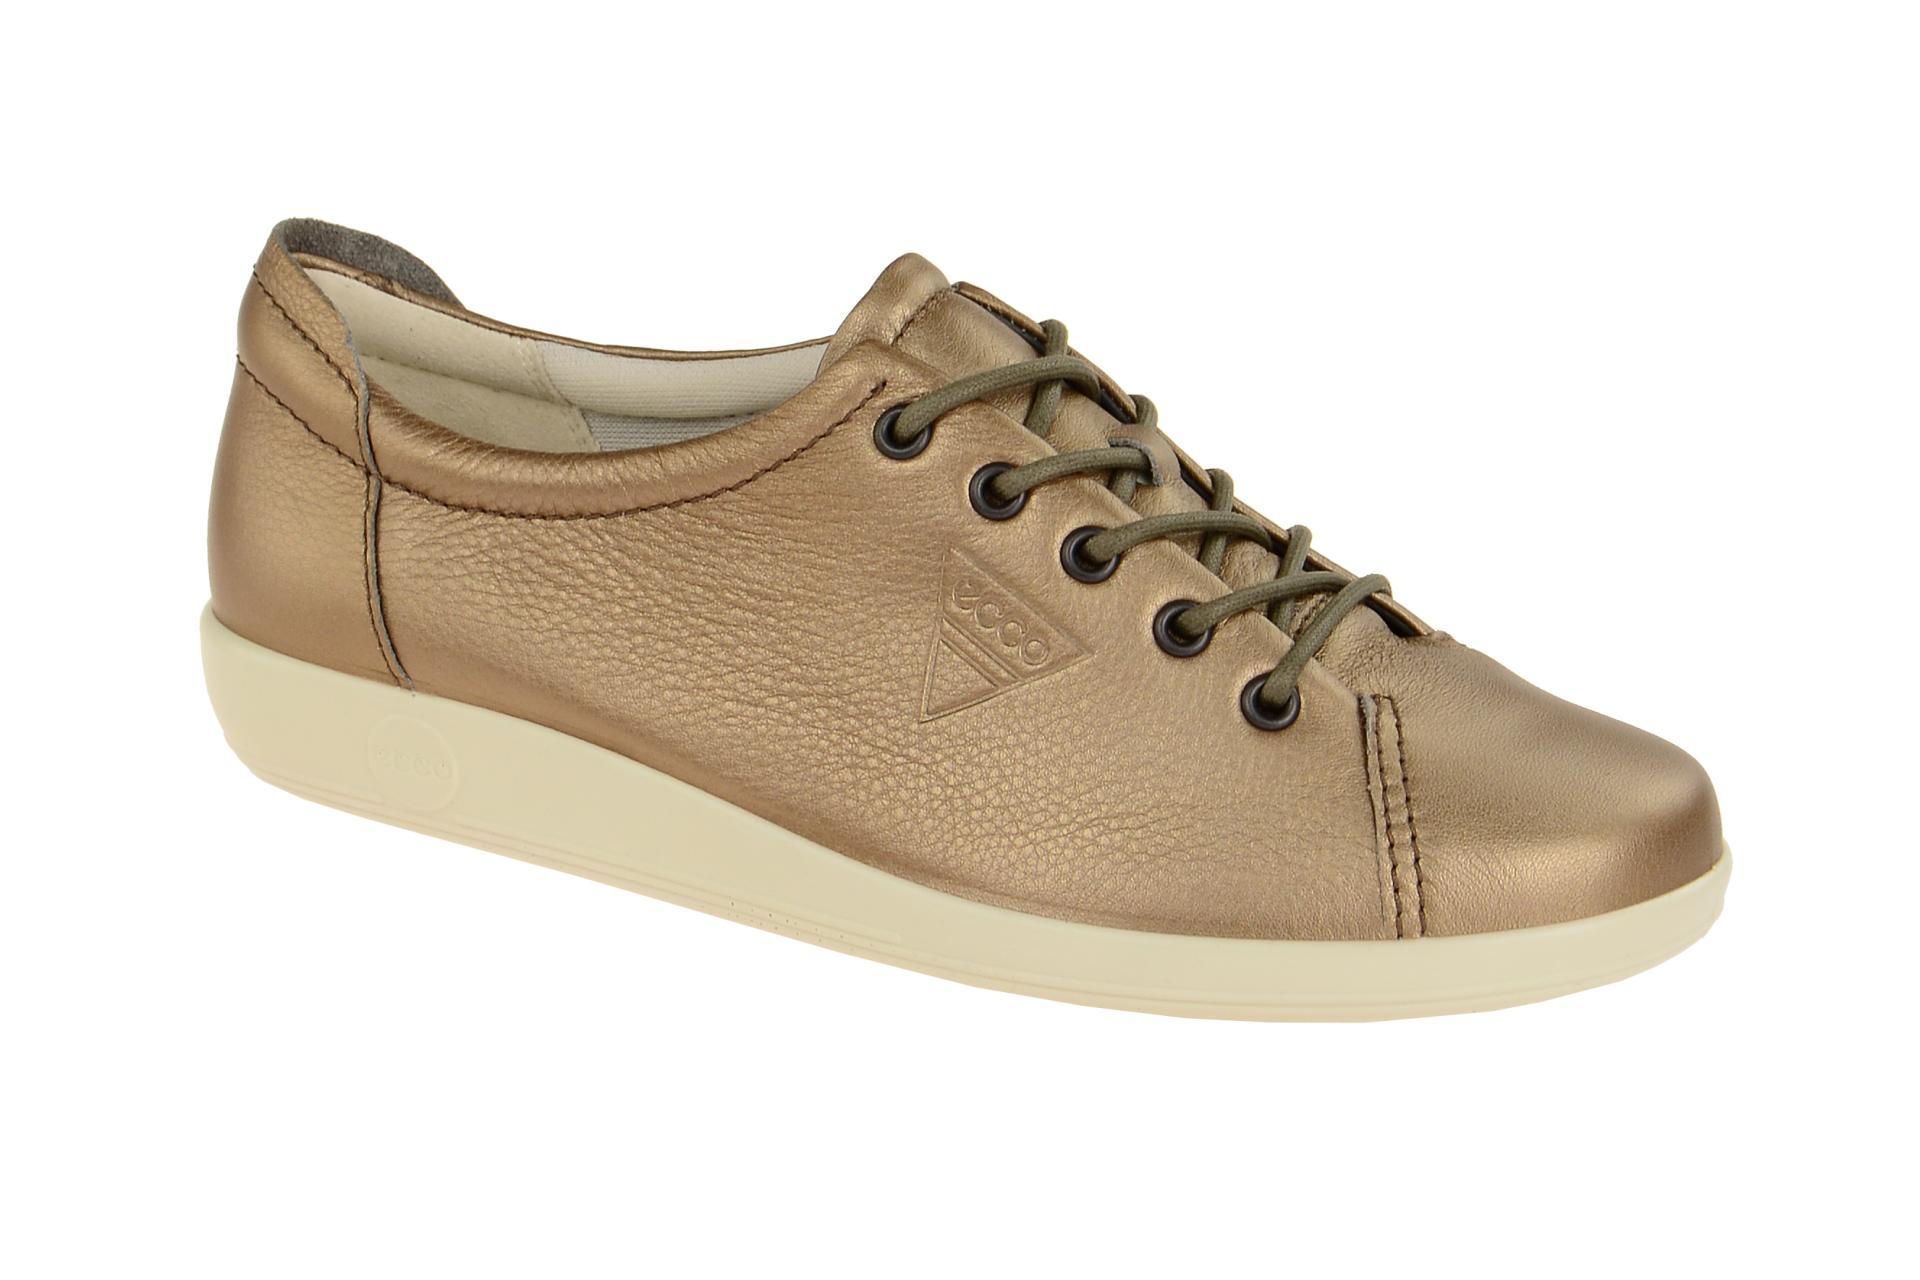 ee3c961af3bbf9 Ecco Soft 2 Schuhe grau braun metallic - Schuhhaus Strauch Shop